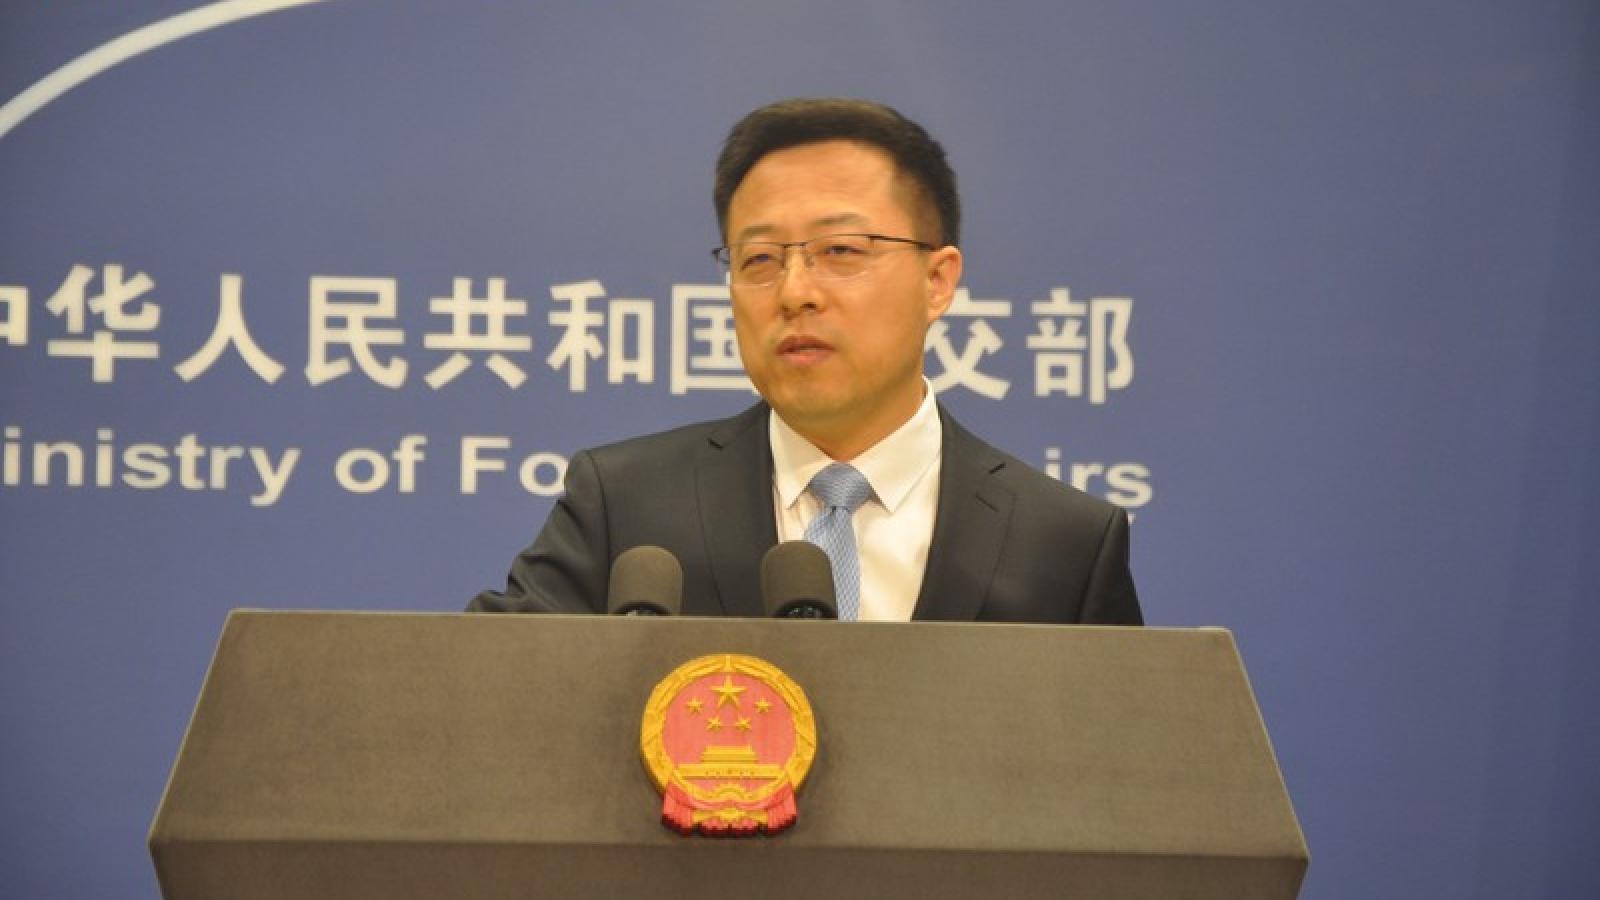 Trung Quốc phản ứng với các quan chức Mỹ chỉ trích về vấn đề Hong Kong